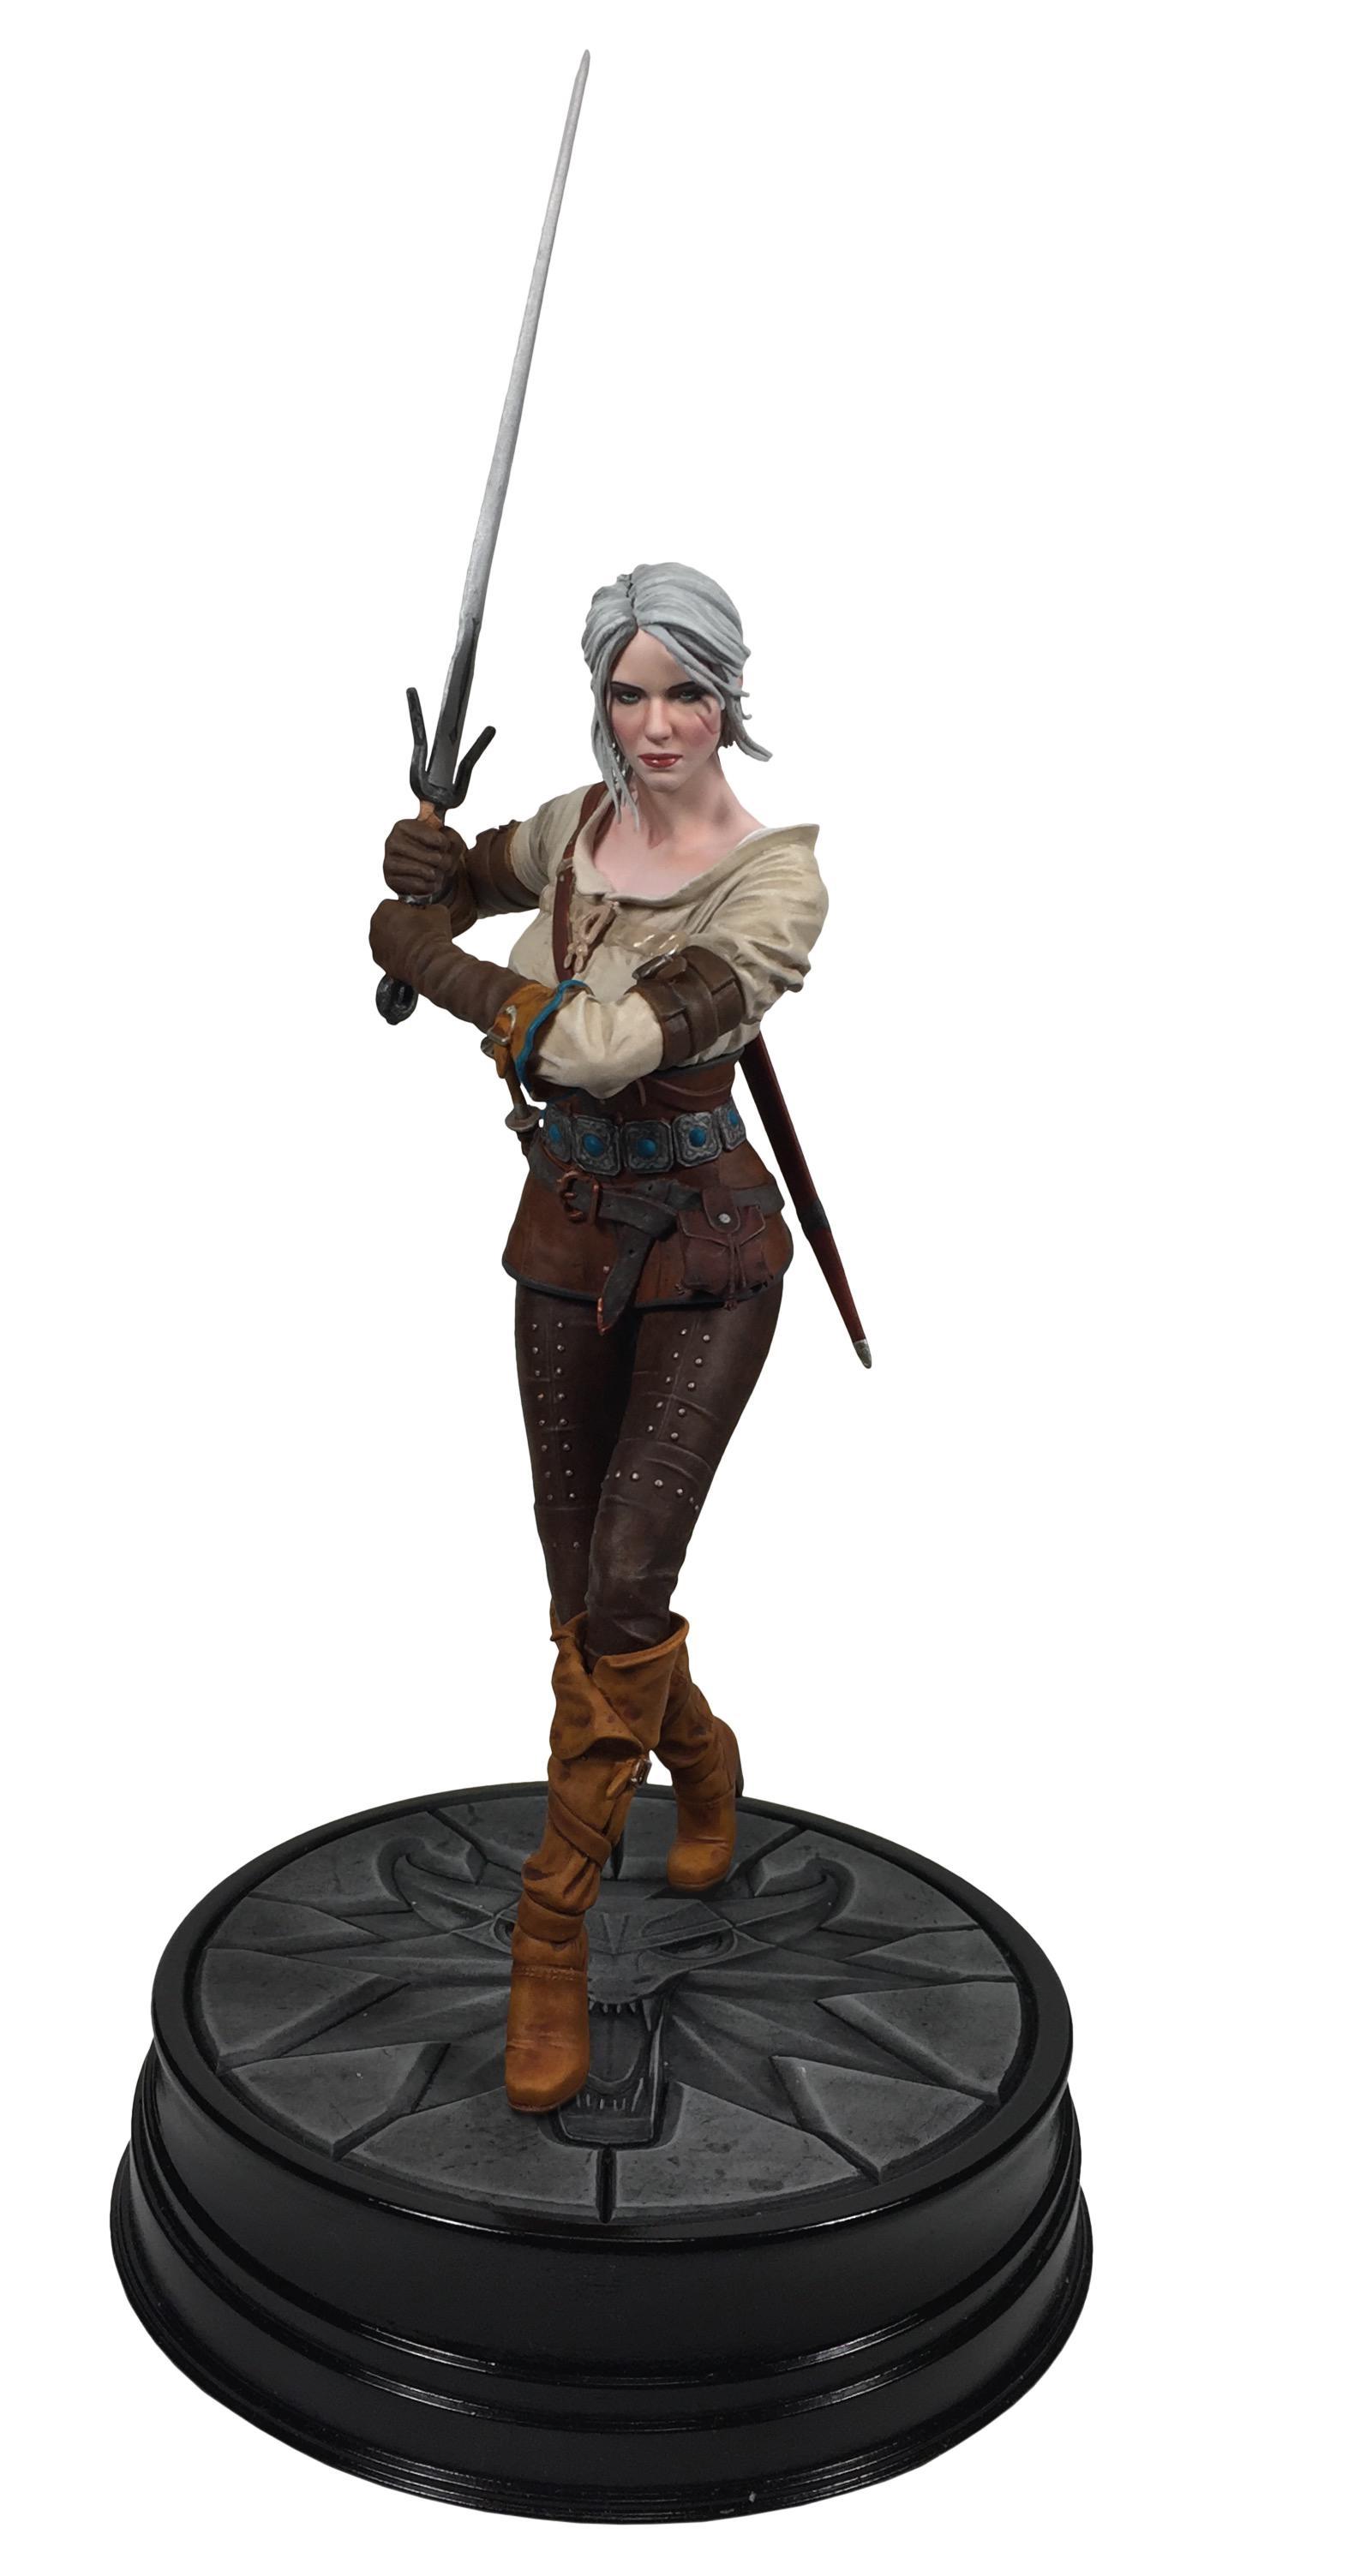 Фигурка Witcher 3: Wild Hunt. Ciri (24 см)Представляем вашему вниманию фигурку Witcher 3: Wild Hunt. Ciri, созданную по мотивам популярной компьютерной игры «Ведьмак 3: Дикая охота».<br>